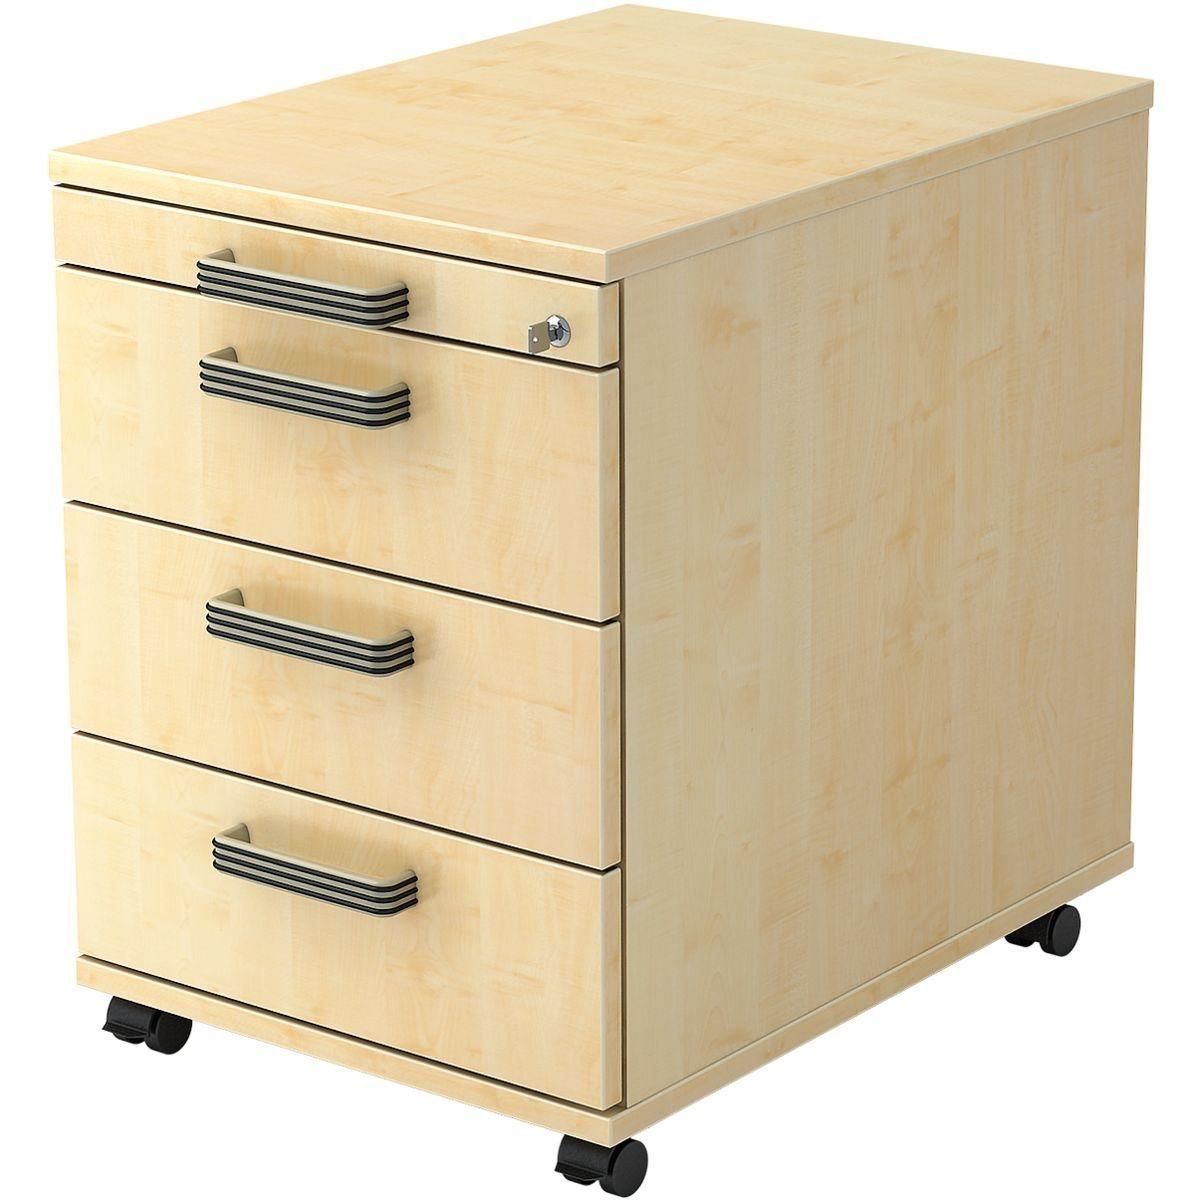 rollcontainer kiefer schubladen preisvergleich die besten angebote online kaufen. Black Bedroom Furniture Sets. Home Design Ideas